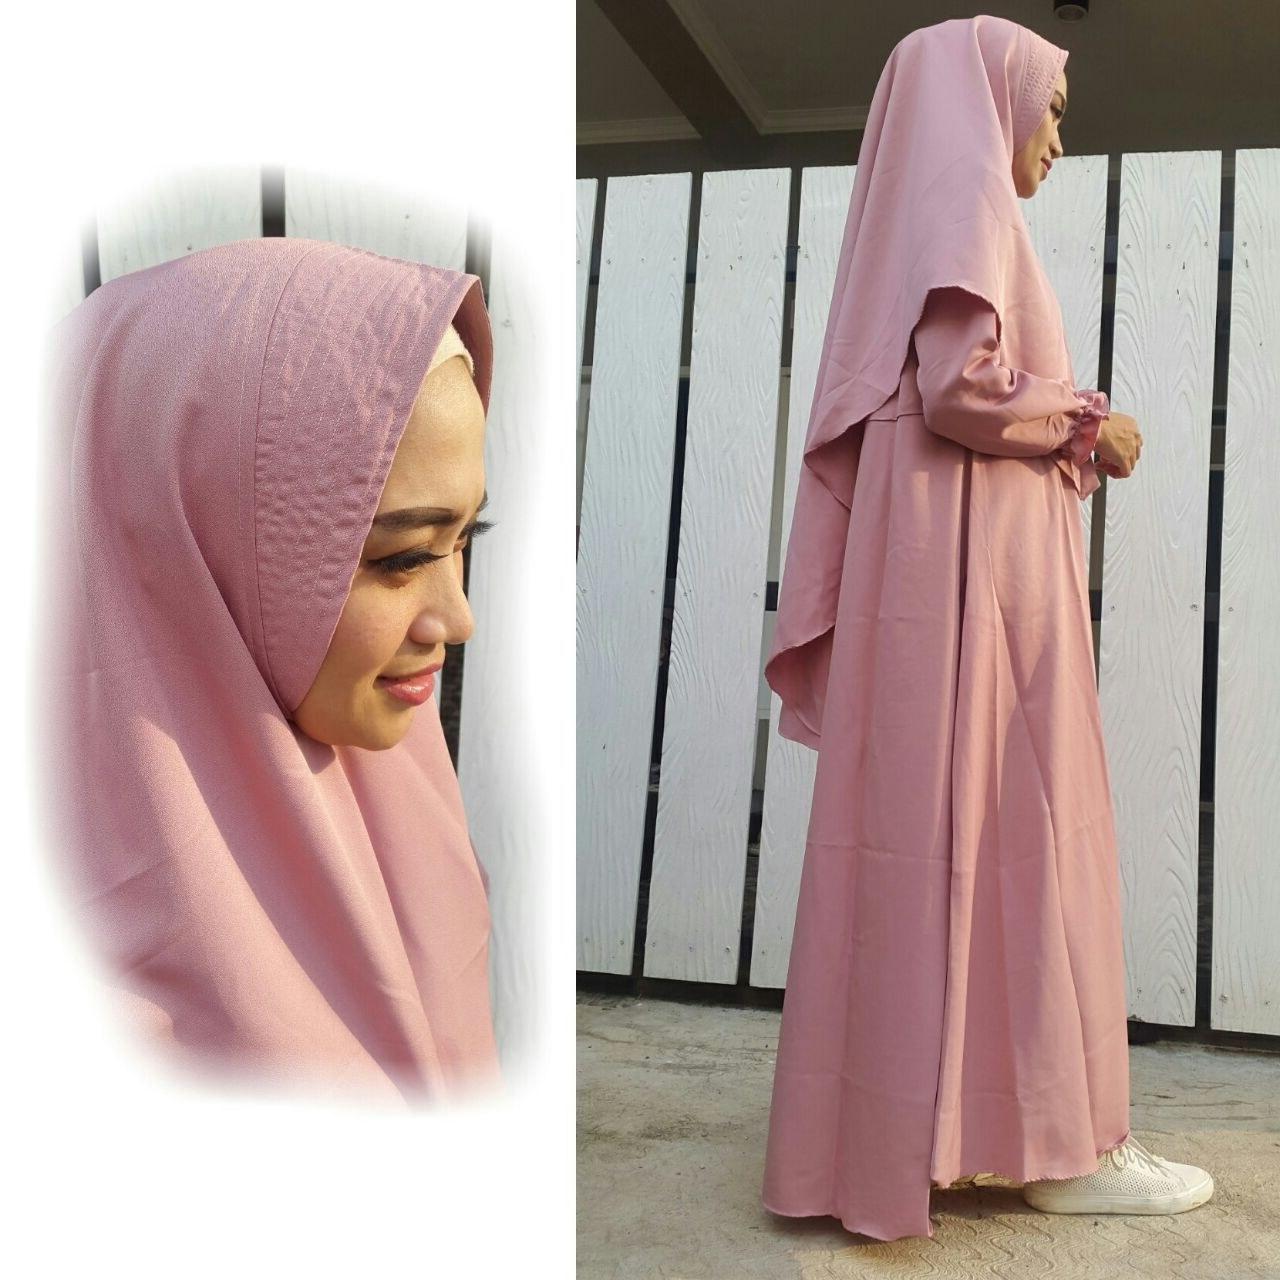 Design Baju Lebaran Terbaru Tanah Abang E9dx Jual Baju Gamis Madina Syar'i Flash Crepe Polos Sn1685